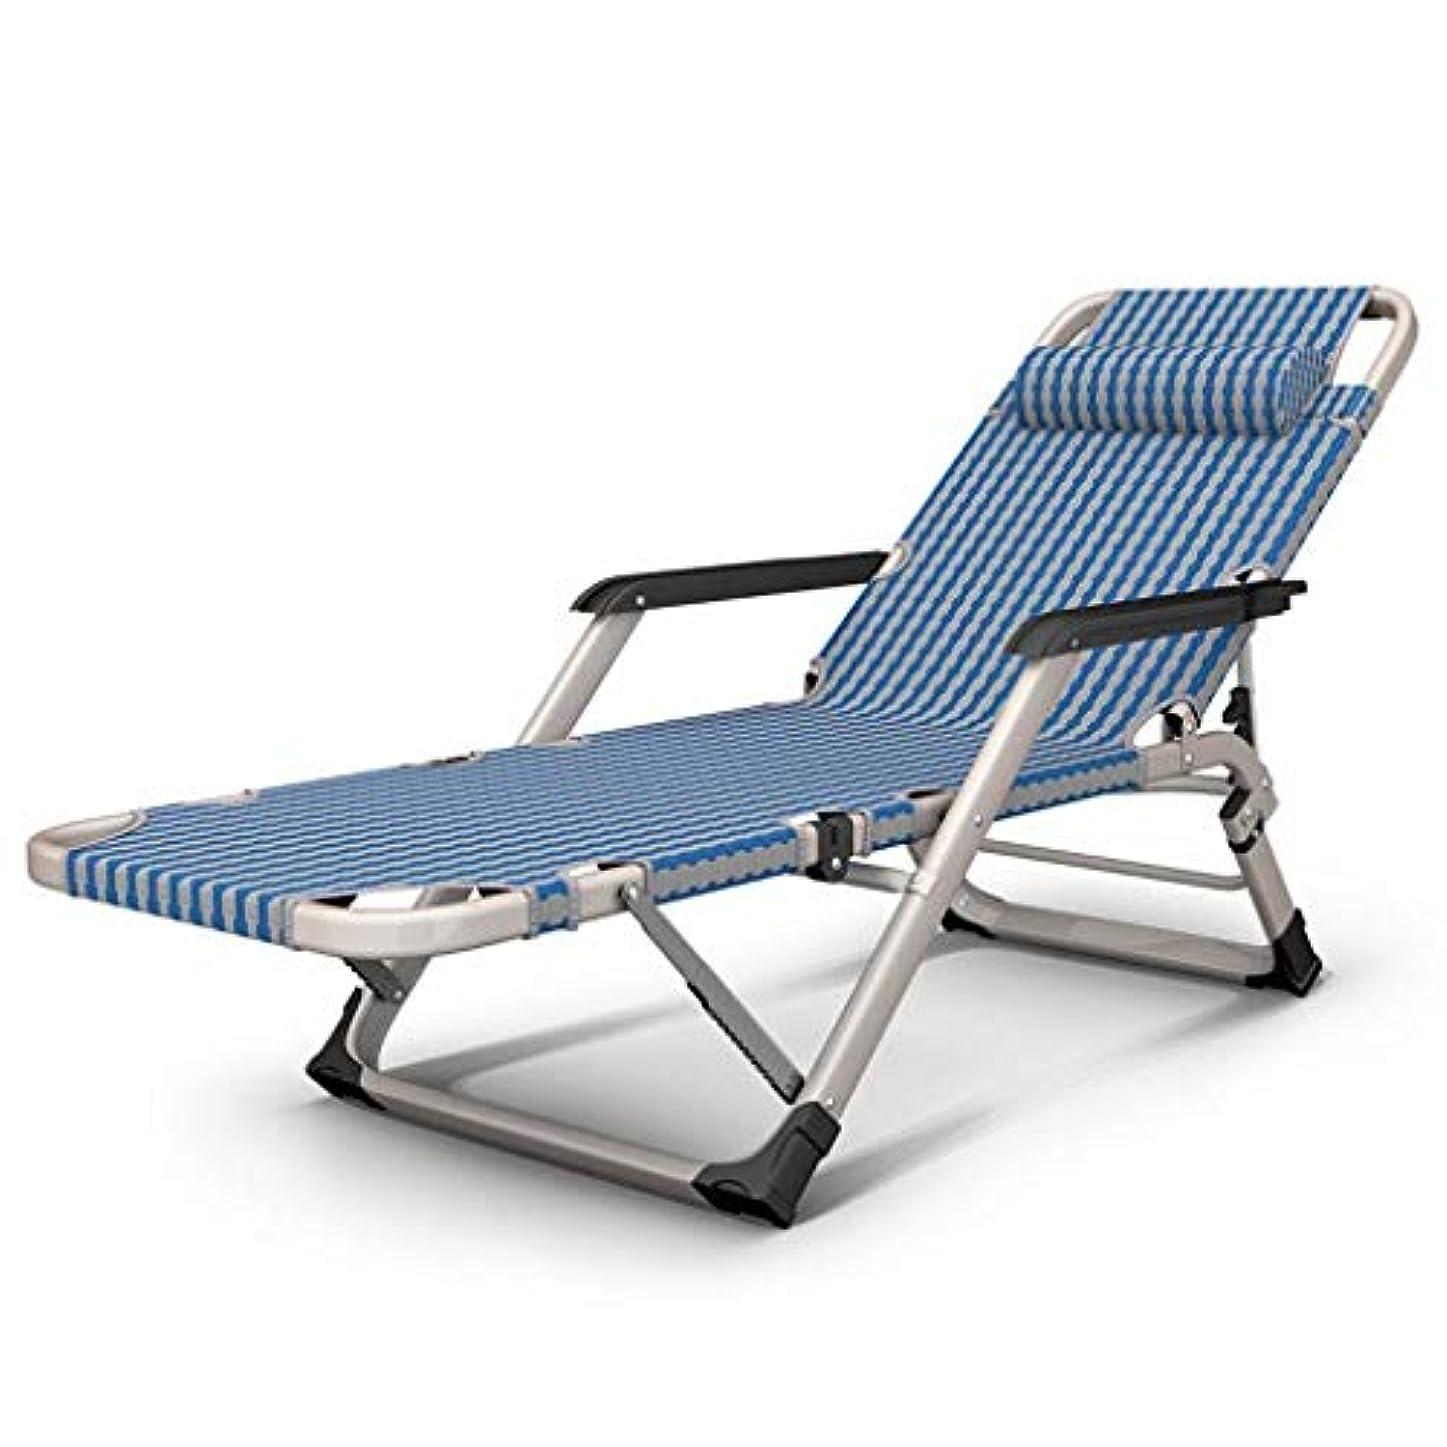 の間でスティーブンソン決めますファッションサンラウンジャーデッキチェア夏のオフィスランチブレイク仮眠ベッド折りたたみシングルアダルトベッド付き便利な省スペース